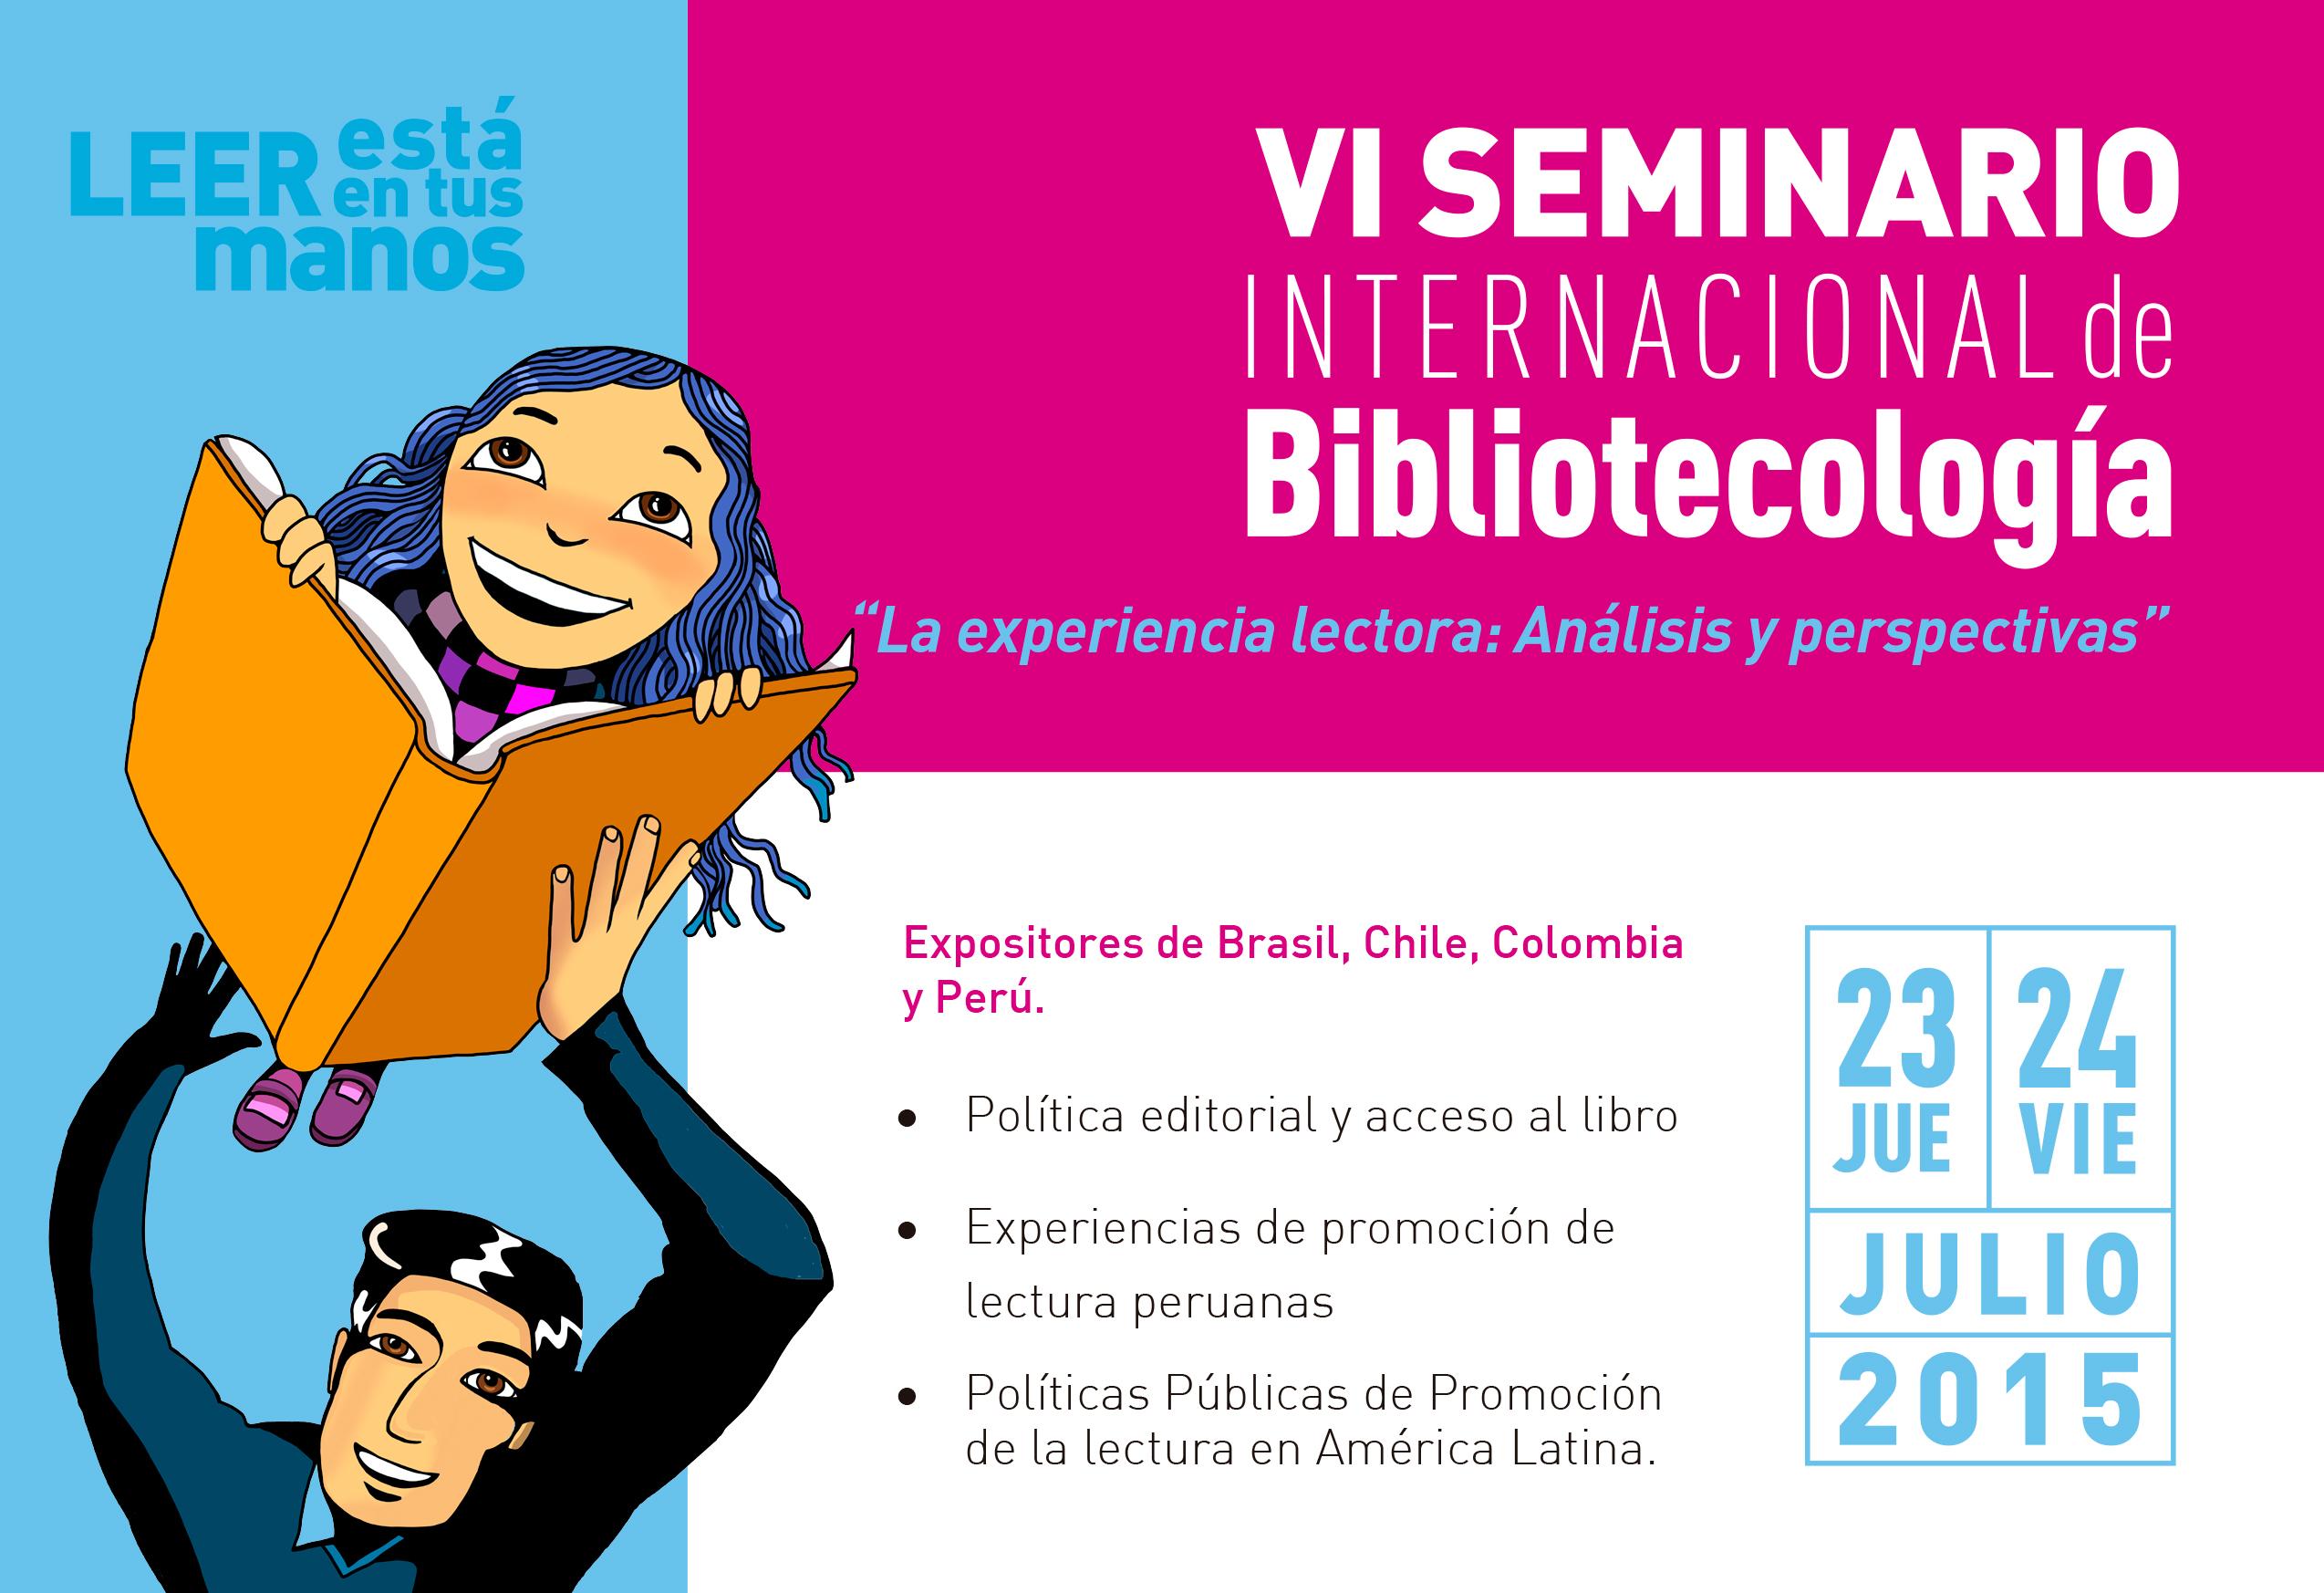 BIBLIOTECOLOGIA-SEMINARIO